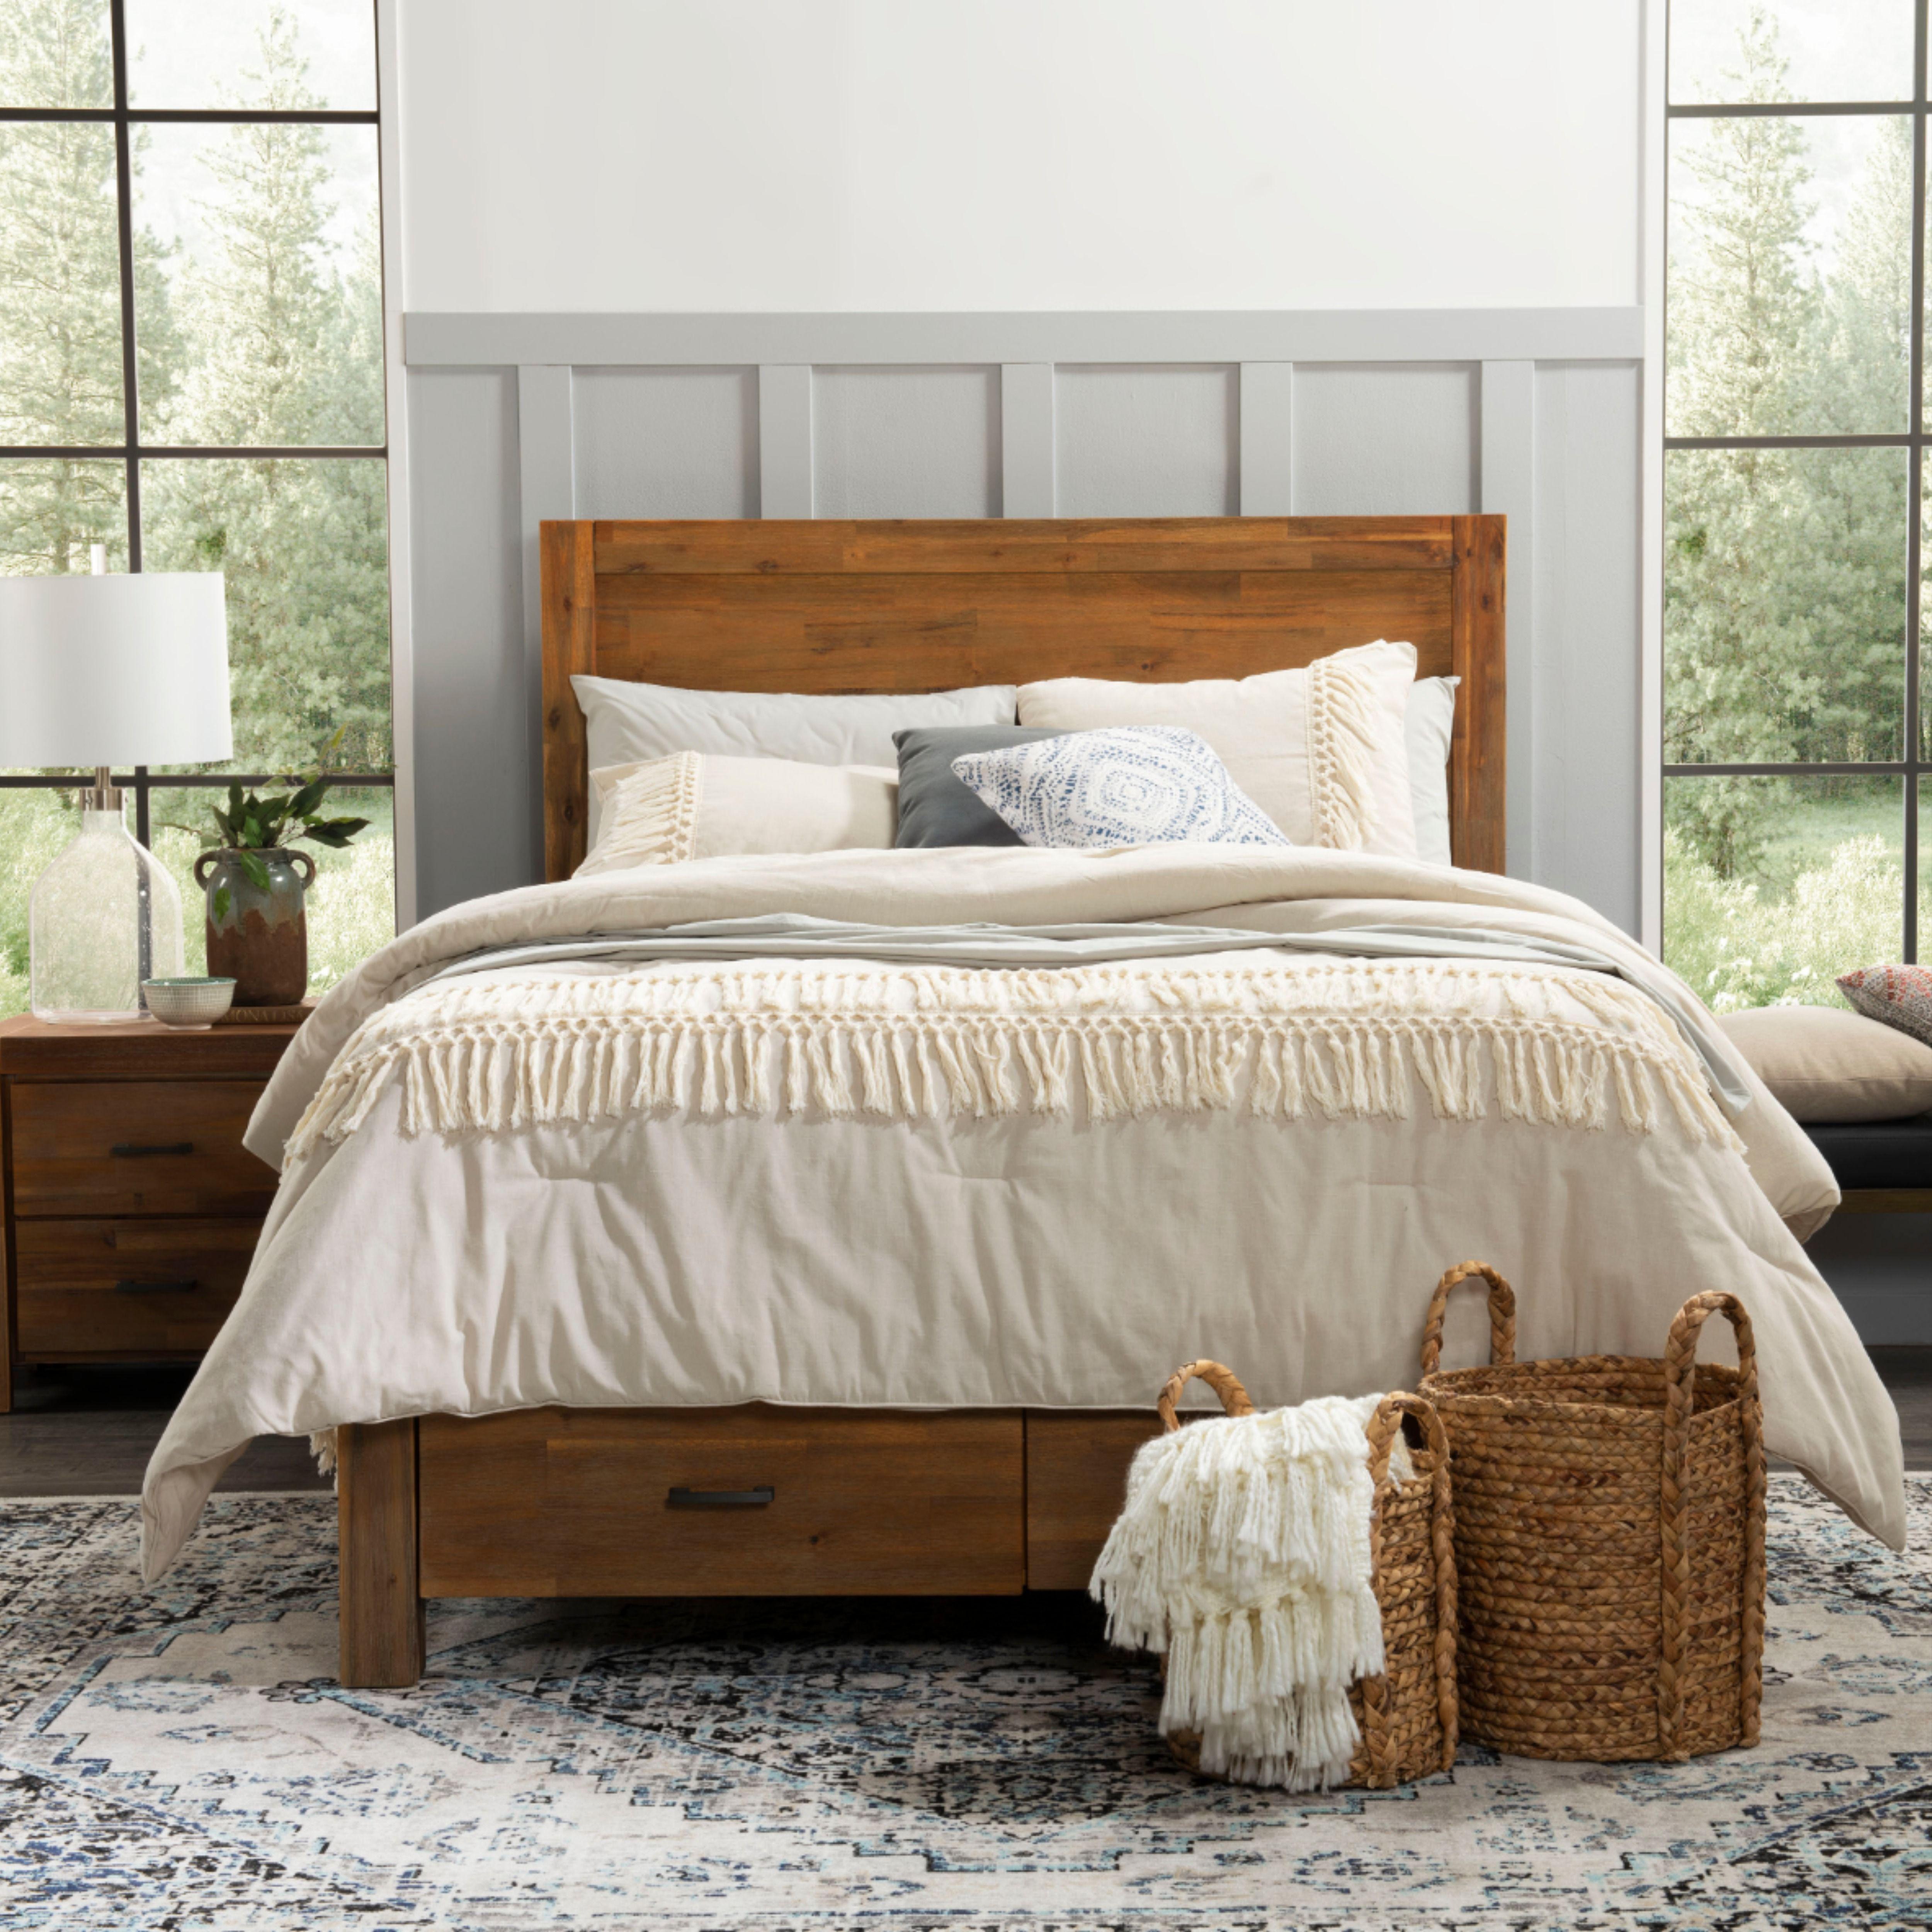 Acadia Queen Storage Bed Storage Bed Queen Storage Bed Bedroom Design Inspiration Solid wood queen storage bed